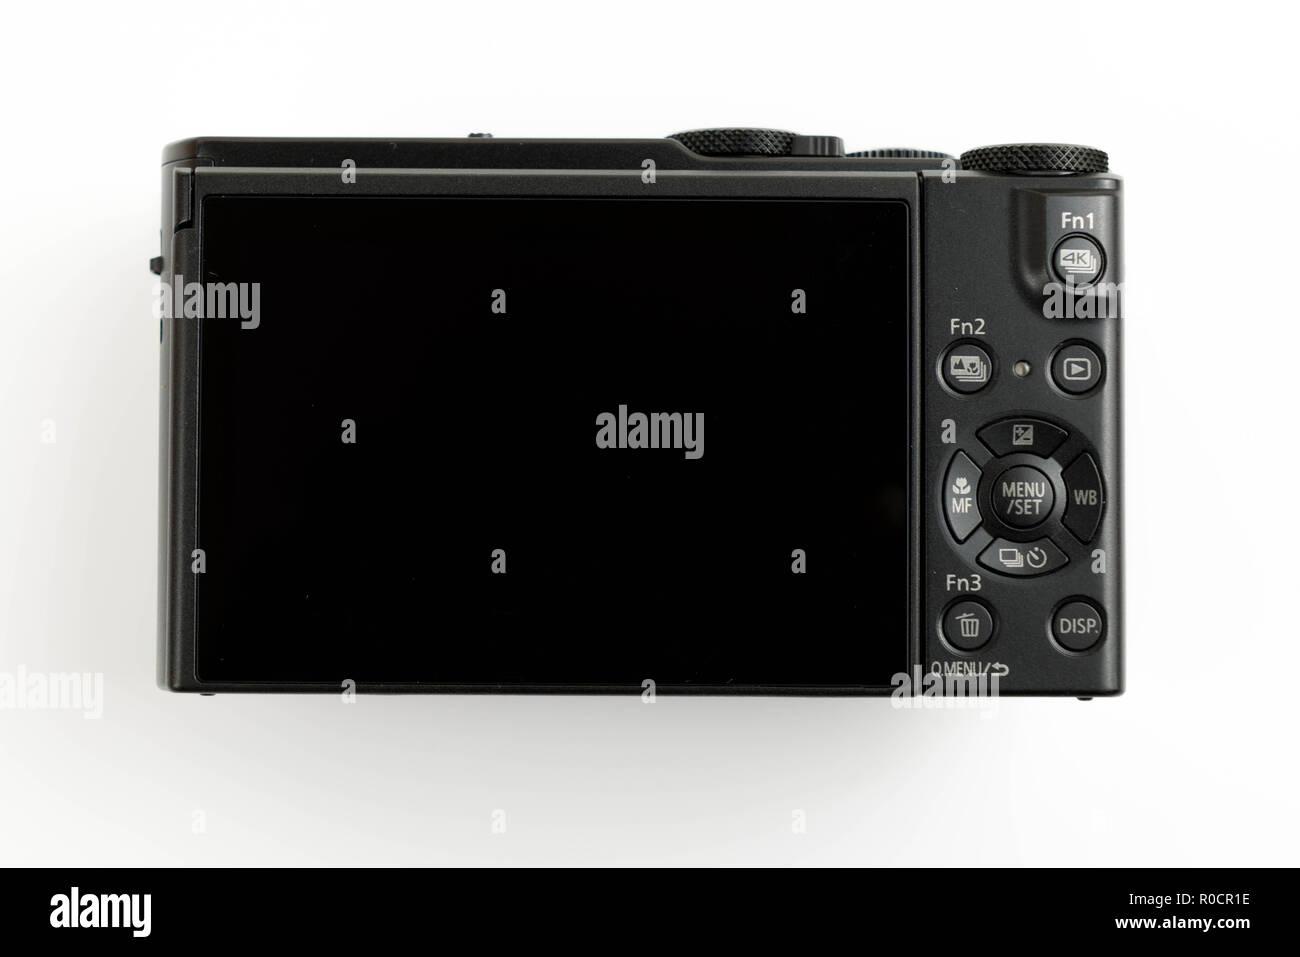 Panasonic Lumix Lx10 / Lx15 on a white isolated background - Stock Image